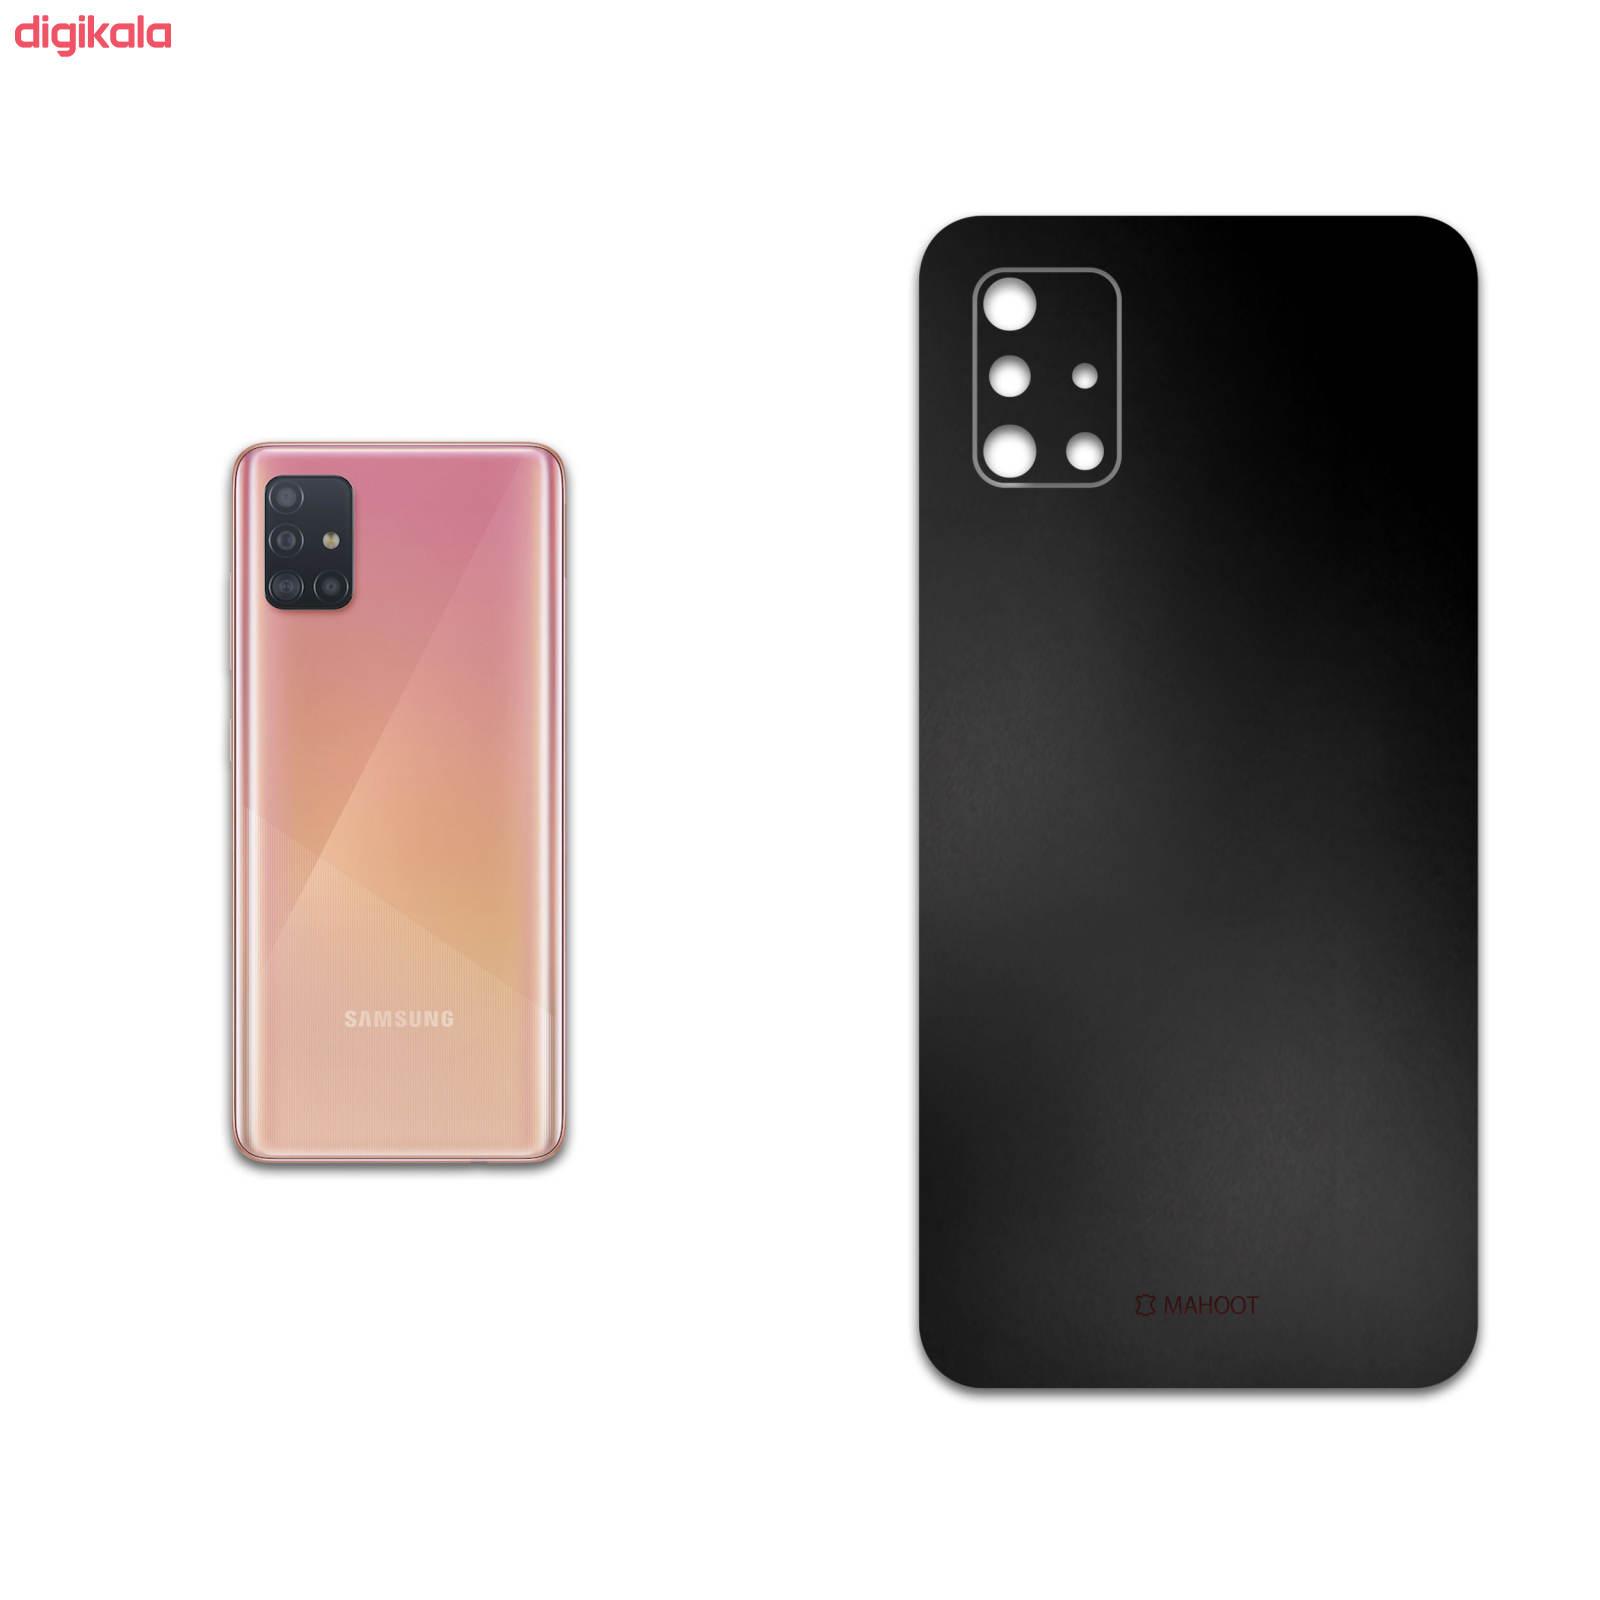 برچسب پوششی ماهوت مدل Black-Matte مناسب برای گوشی موبایل سامسونگ Galaxy A51